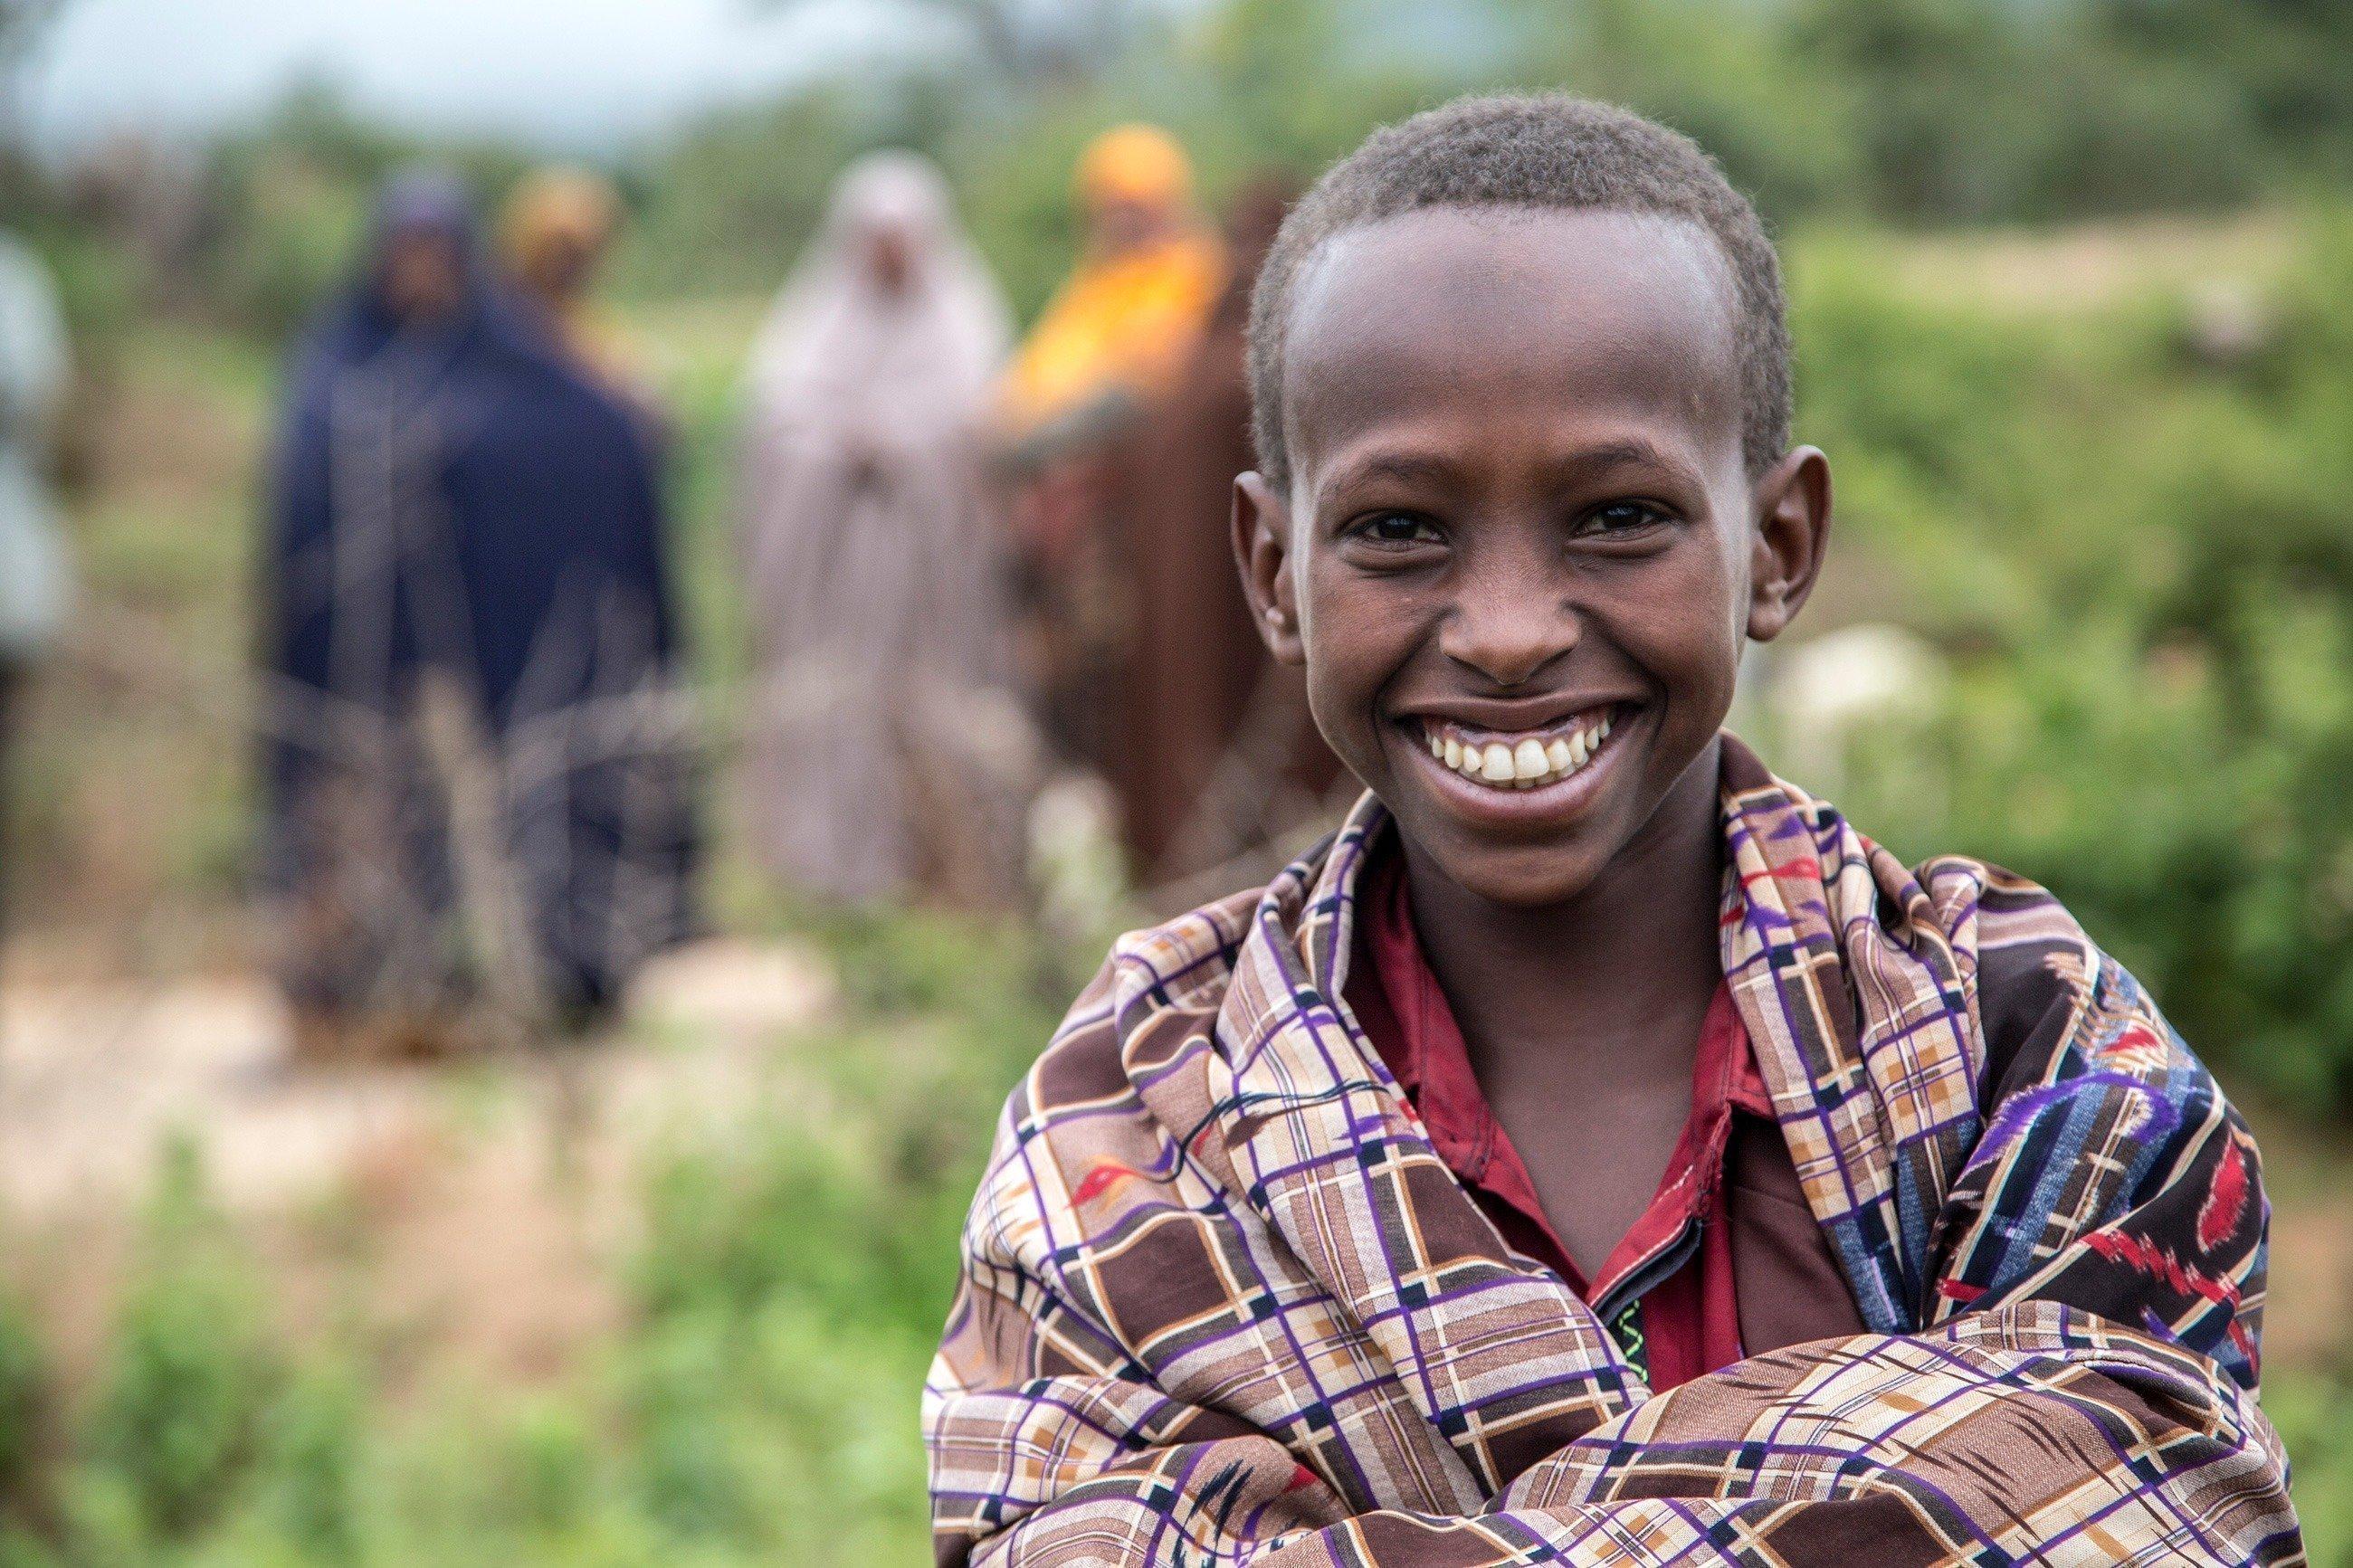 Un garçon africain affichant un large sourire face au photographe.